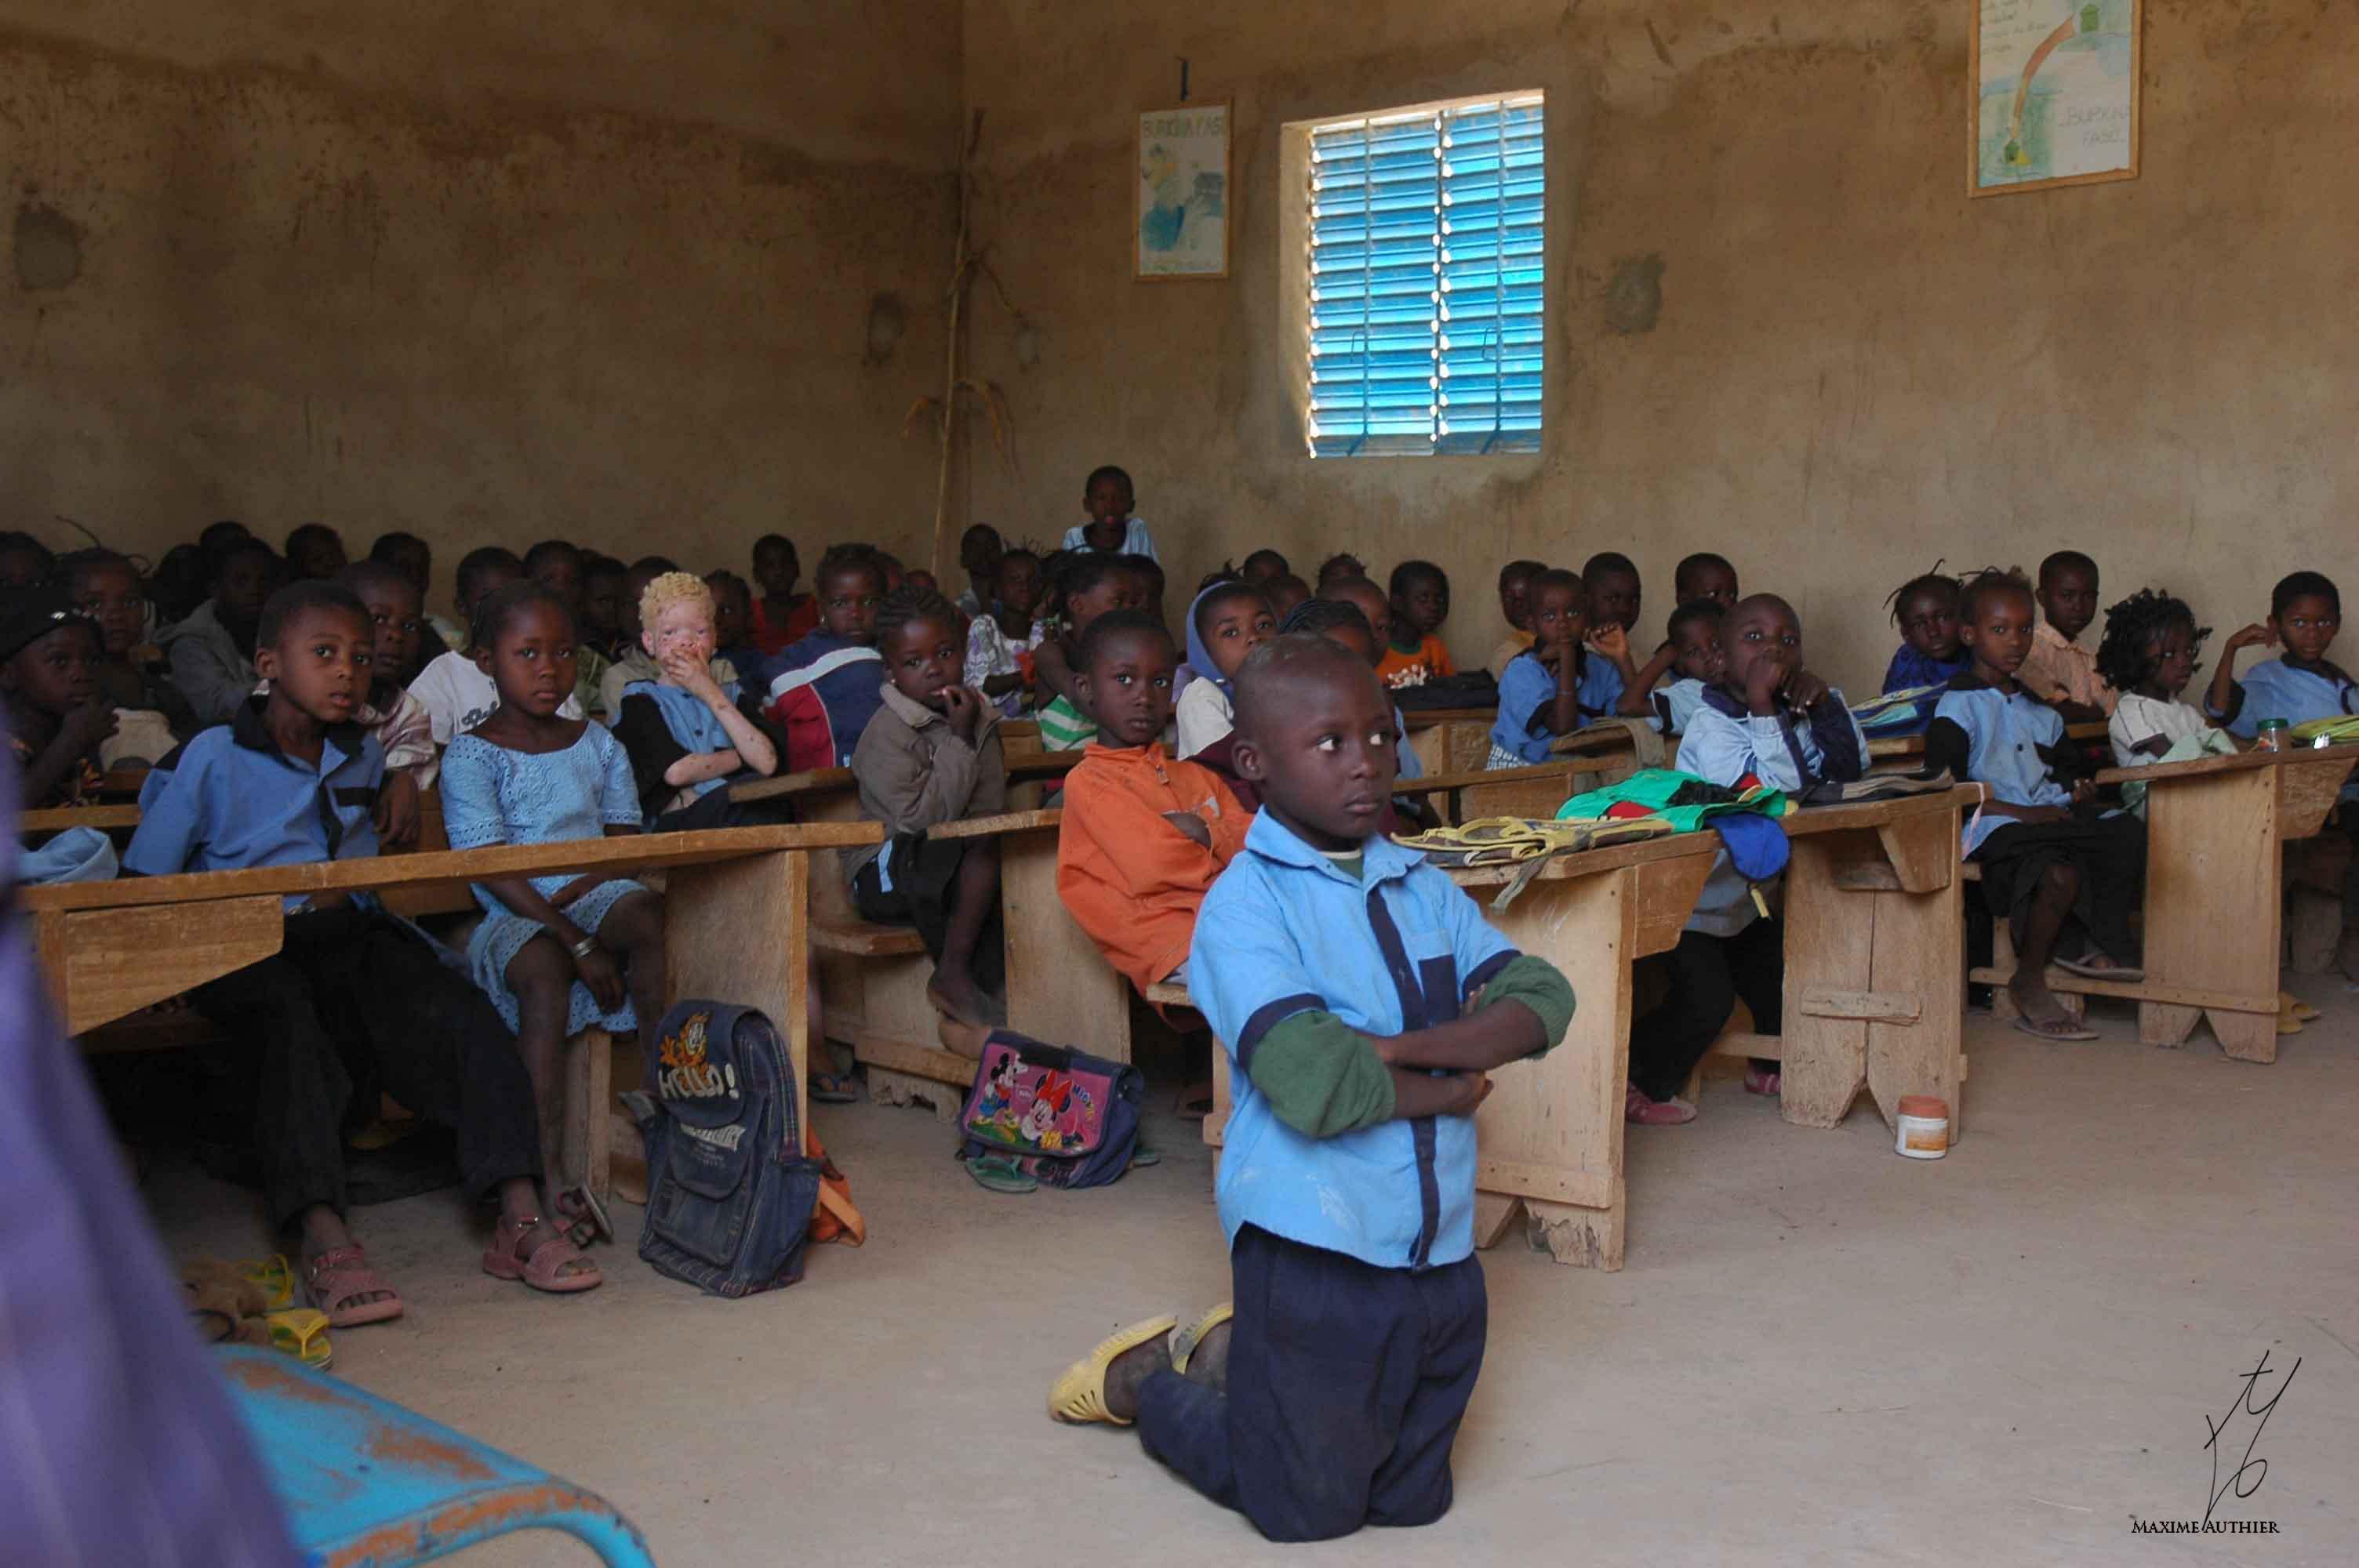 photographie d'un garçon puni en classe en Afrique